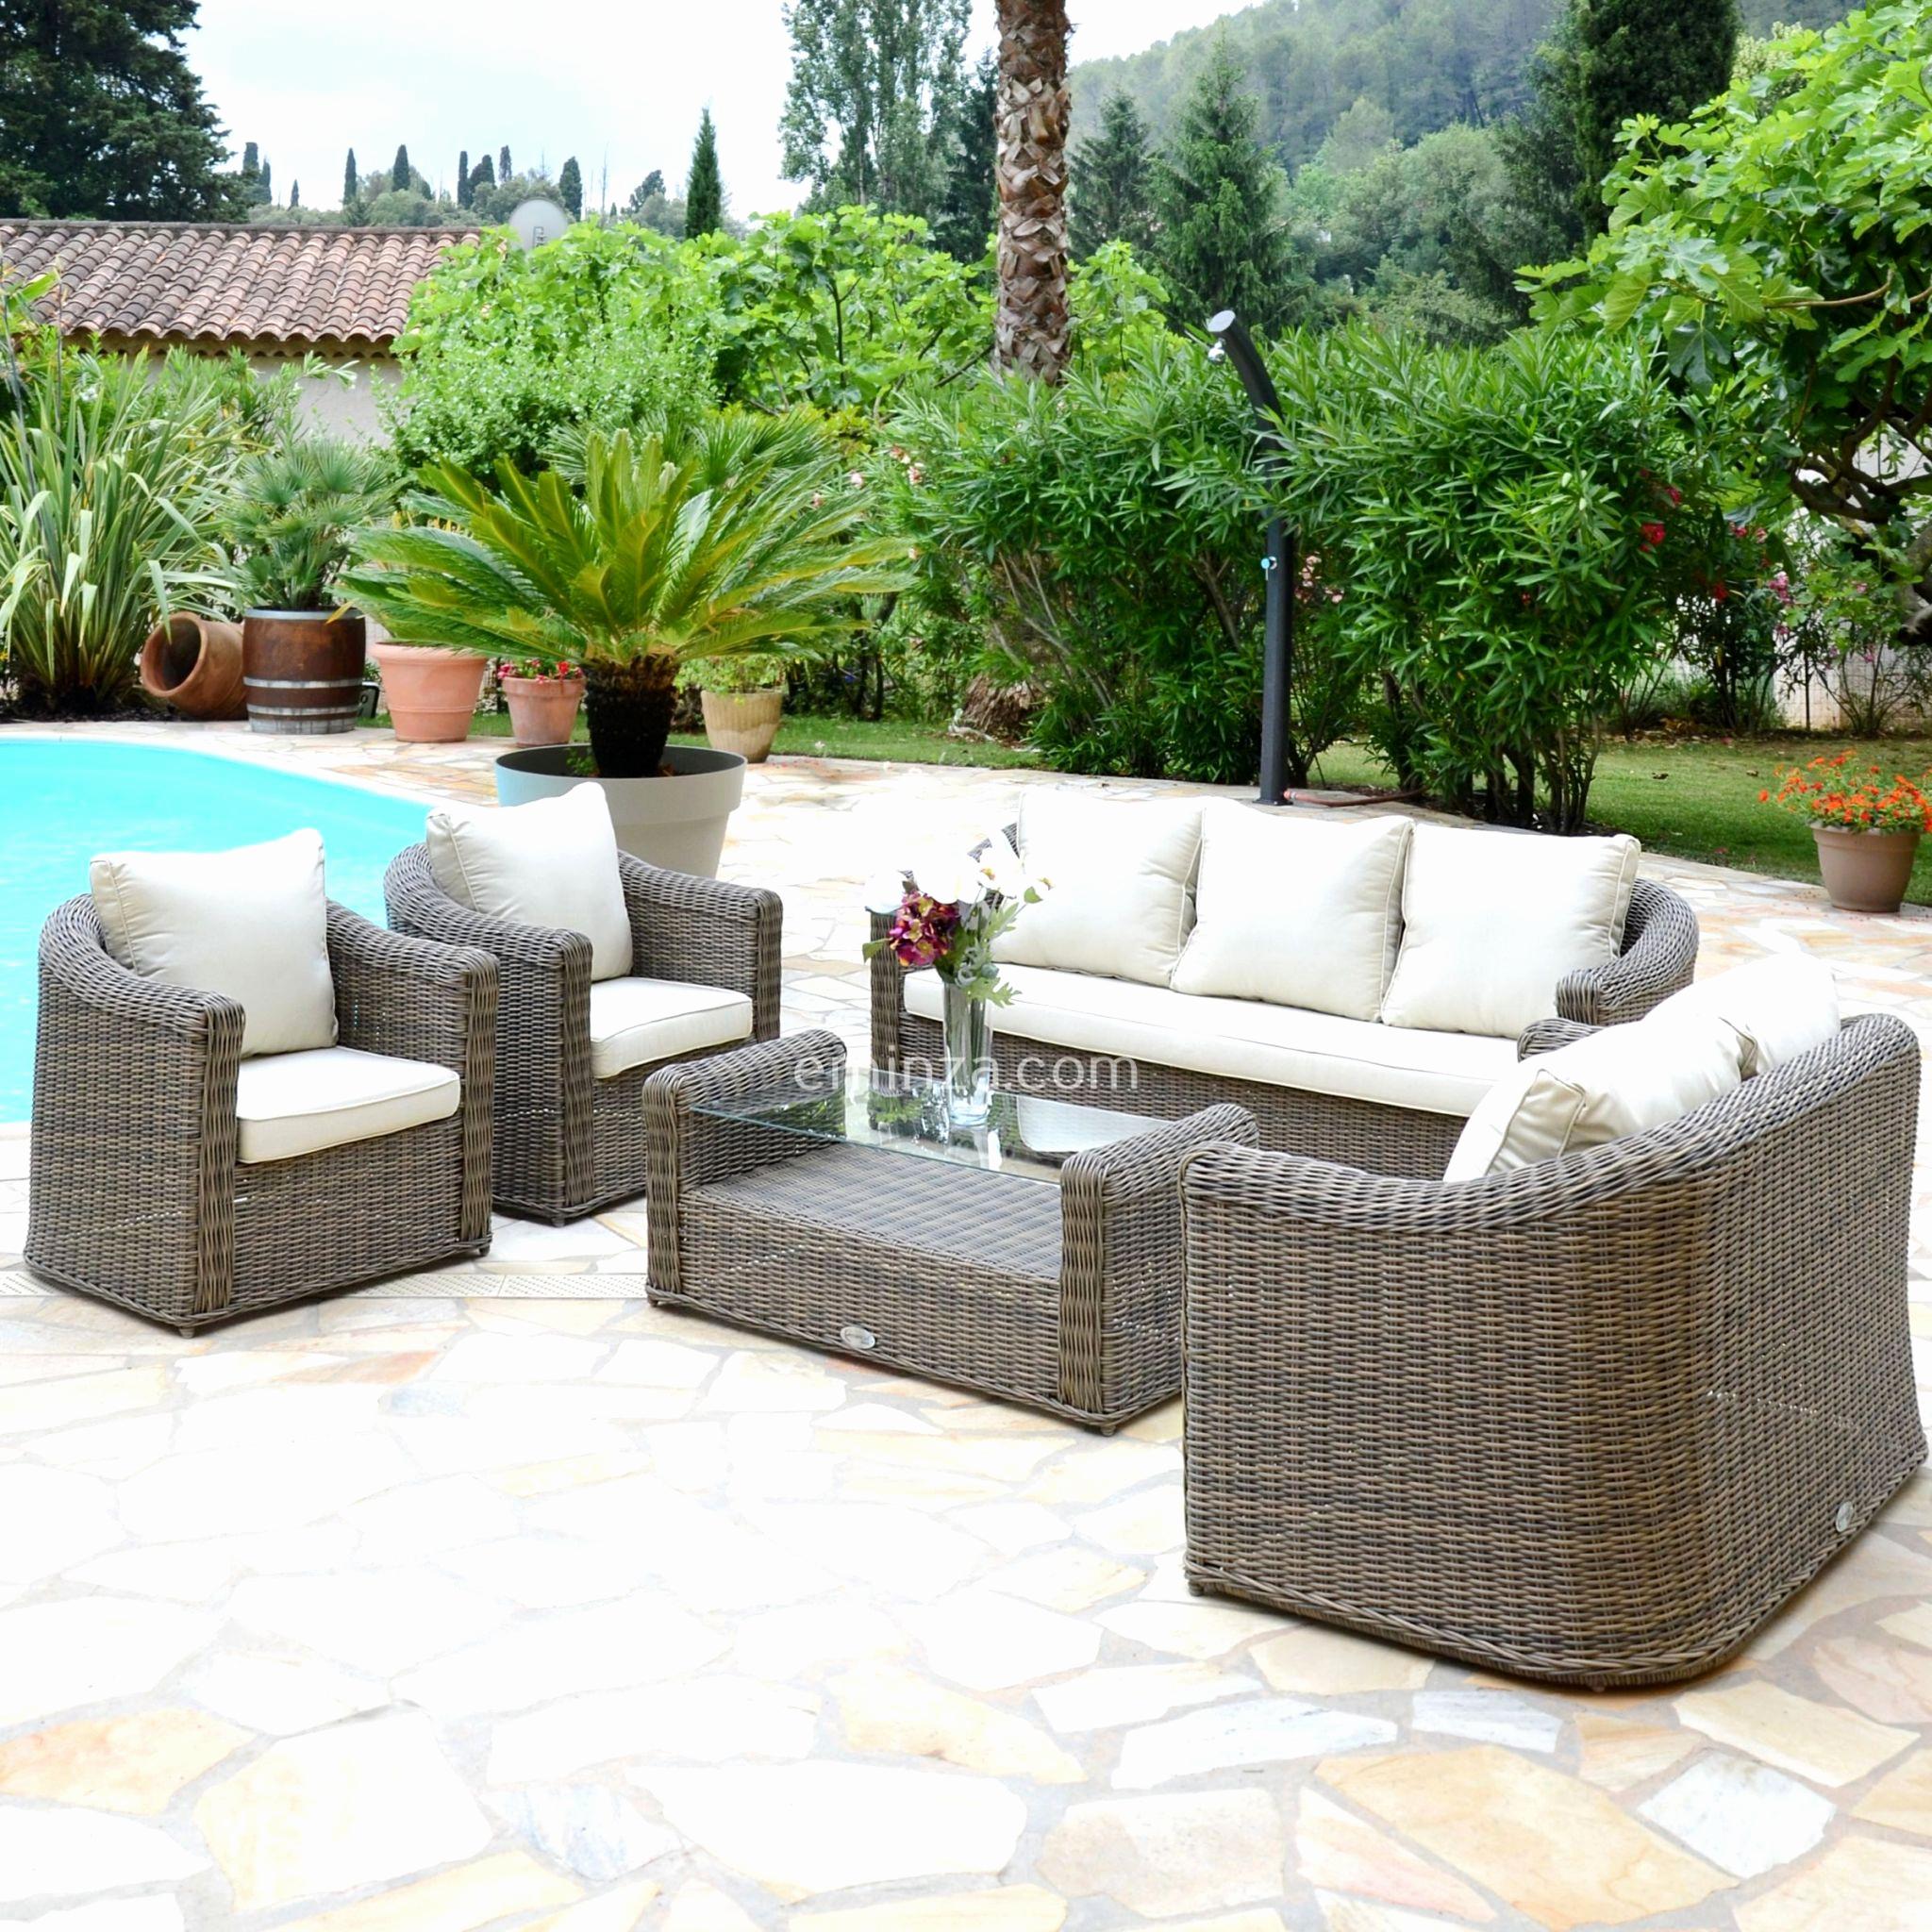 Solde Salon De Jardin Castorama Beau Meuble De Jardin ... dedans Solde Mobilier De Jardin